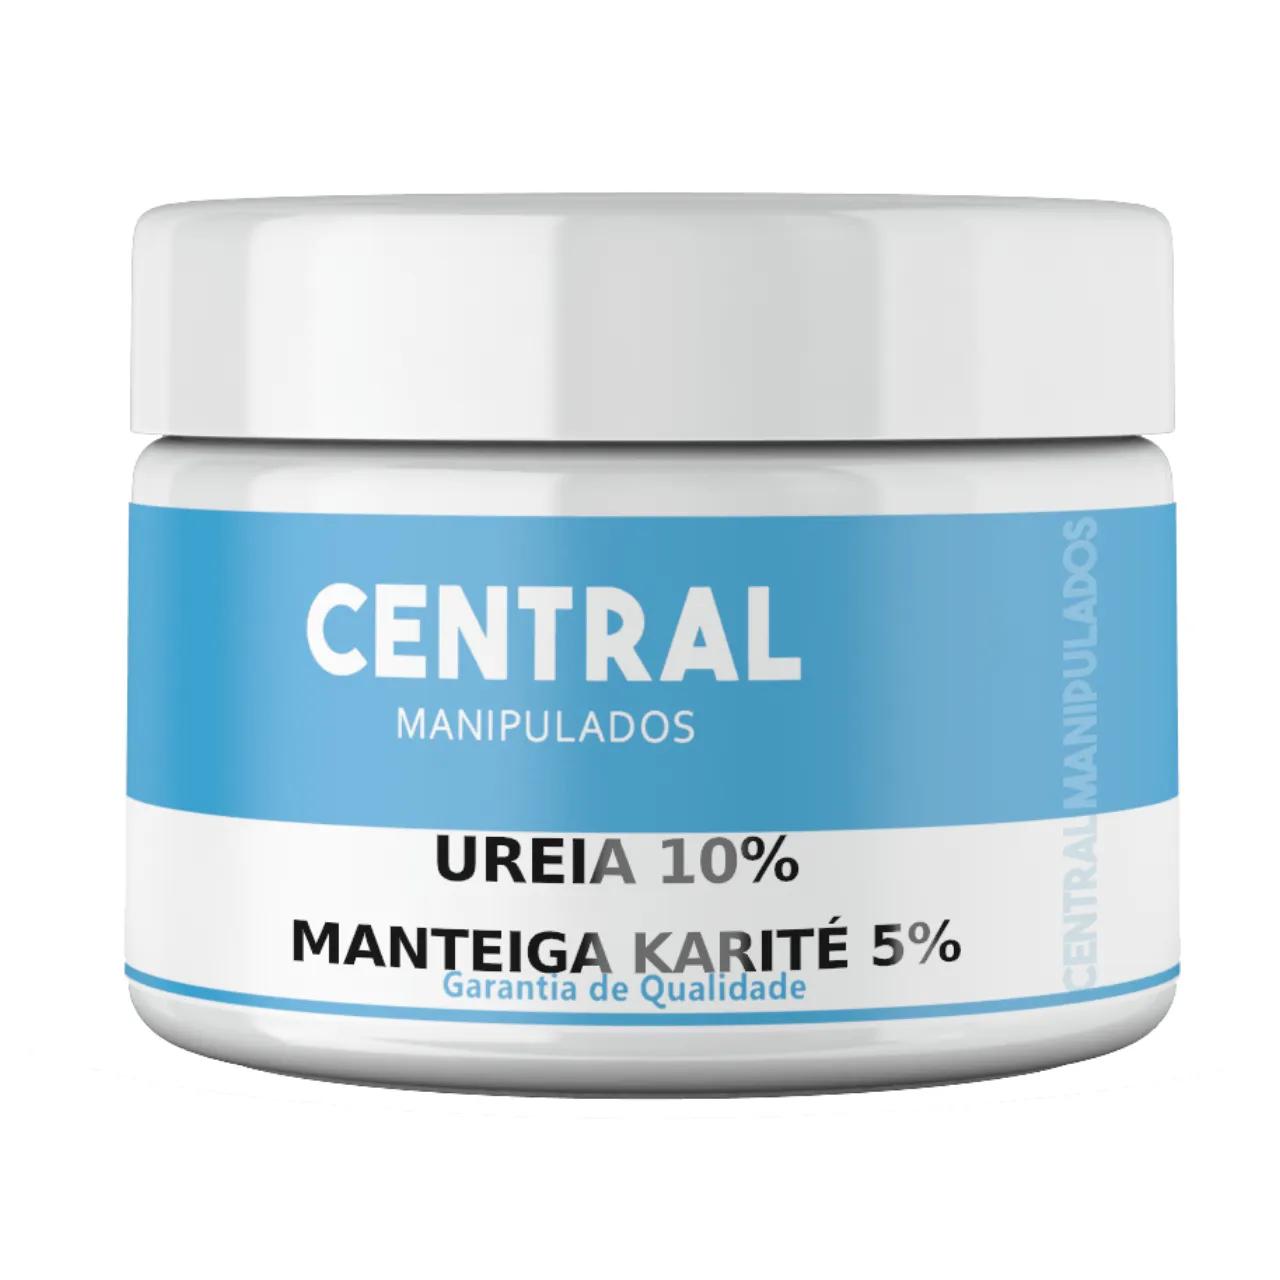 Creme Ureia 10% + Manteiga de Karité 5% + Glicerina 10% - 500gramas - Previne o Ressecamento, Antioxidante, Protege a Pele